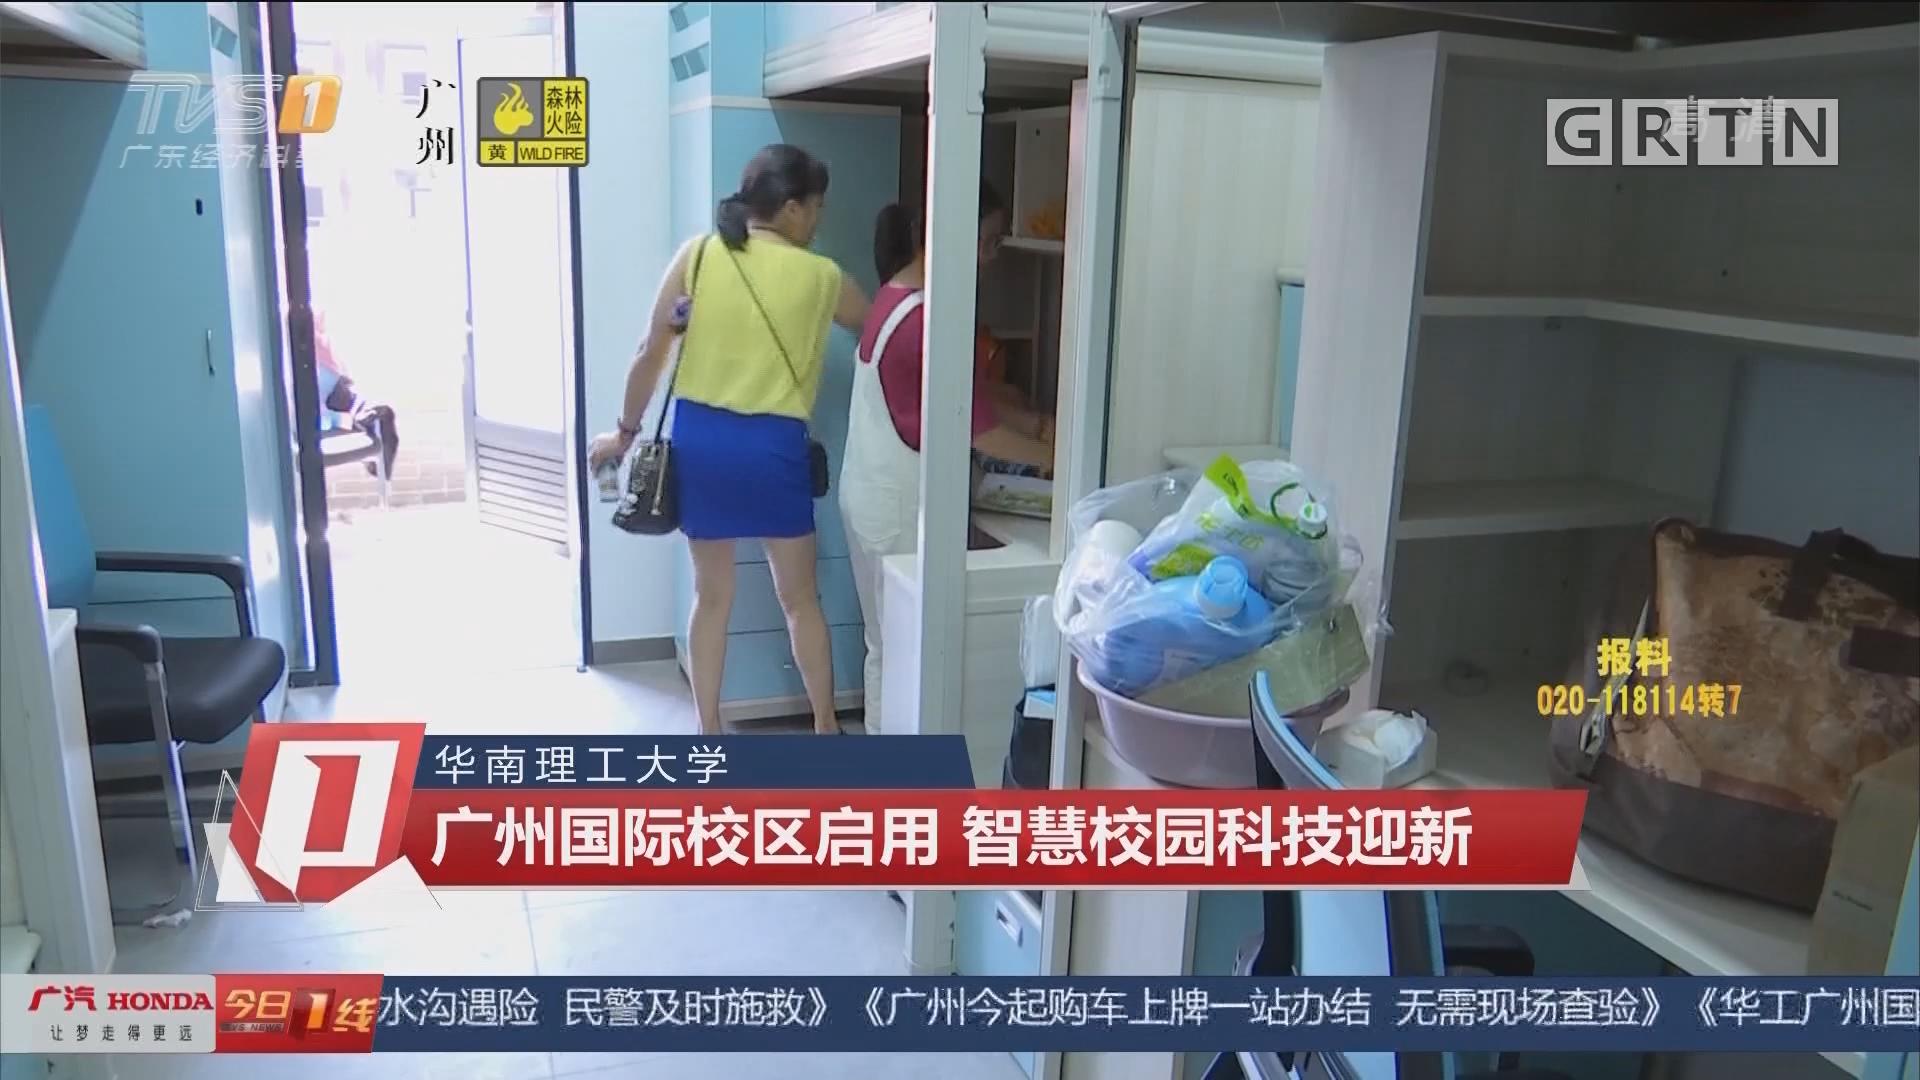 華南理工大學 廣州國際校區啟用 智慧校園科技迎新